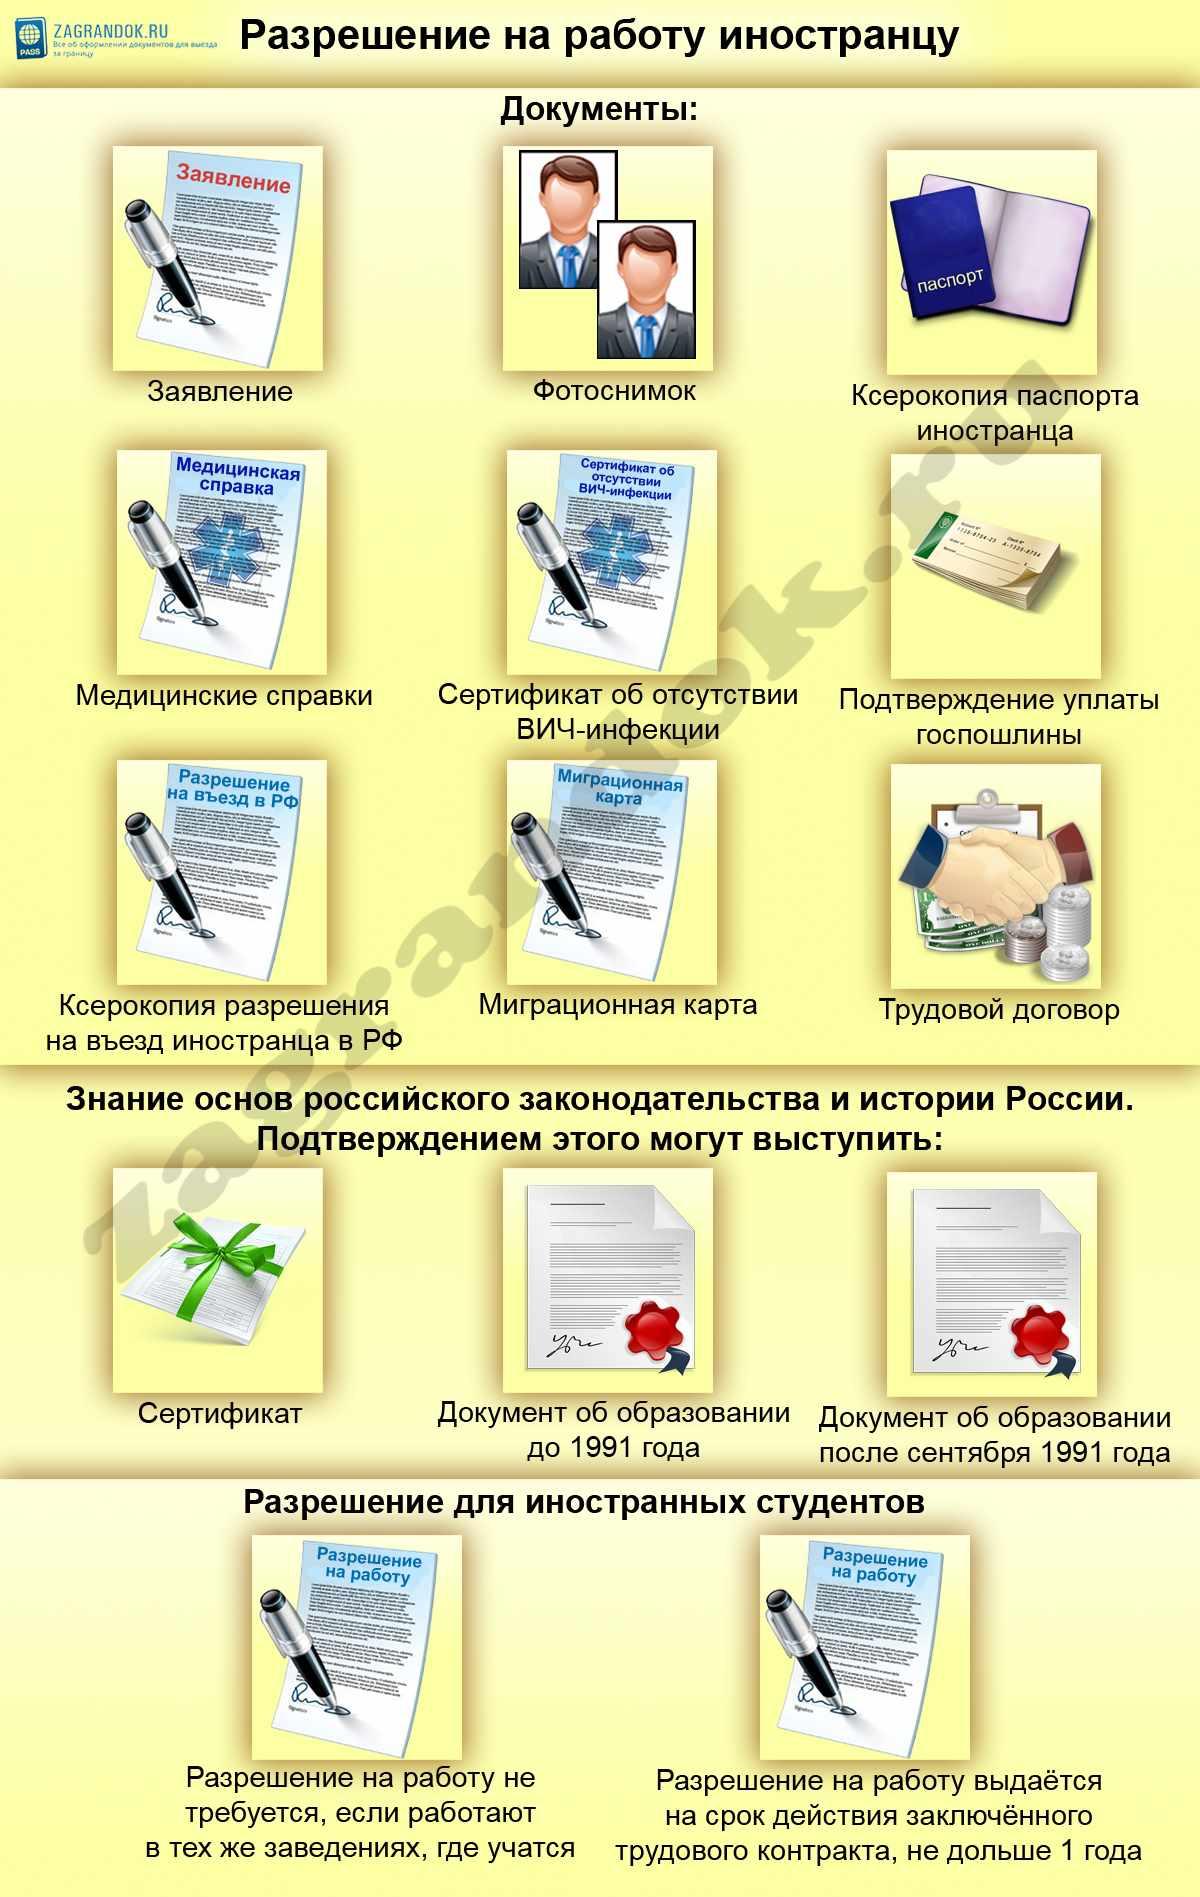 Разрешение на работу иностранцу